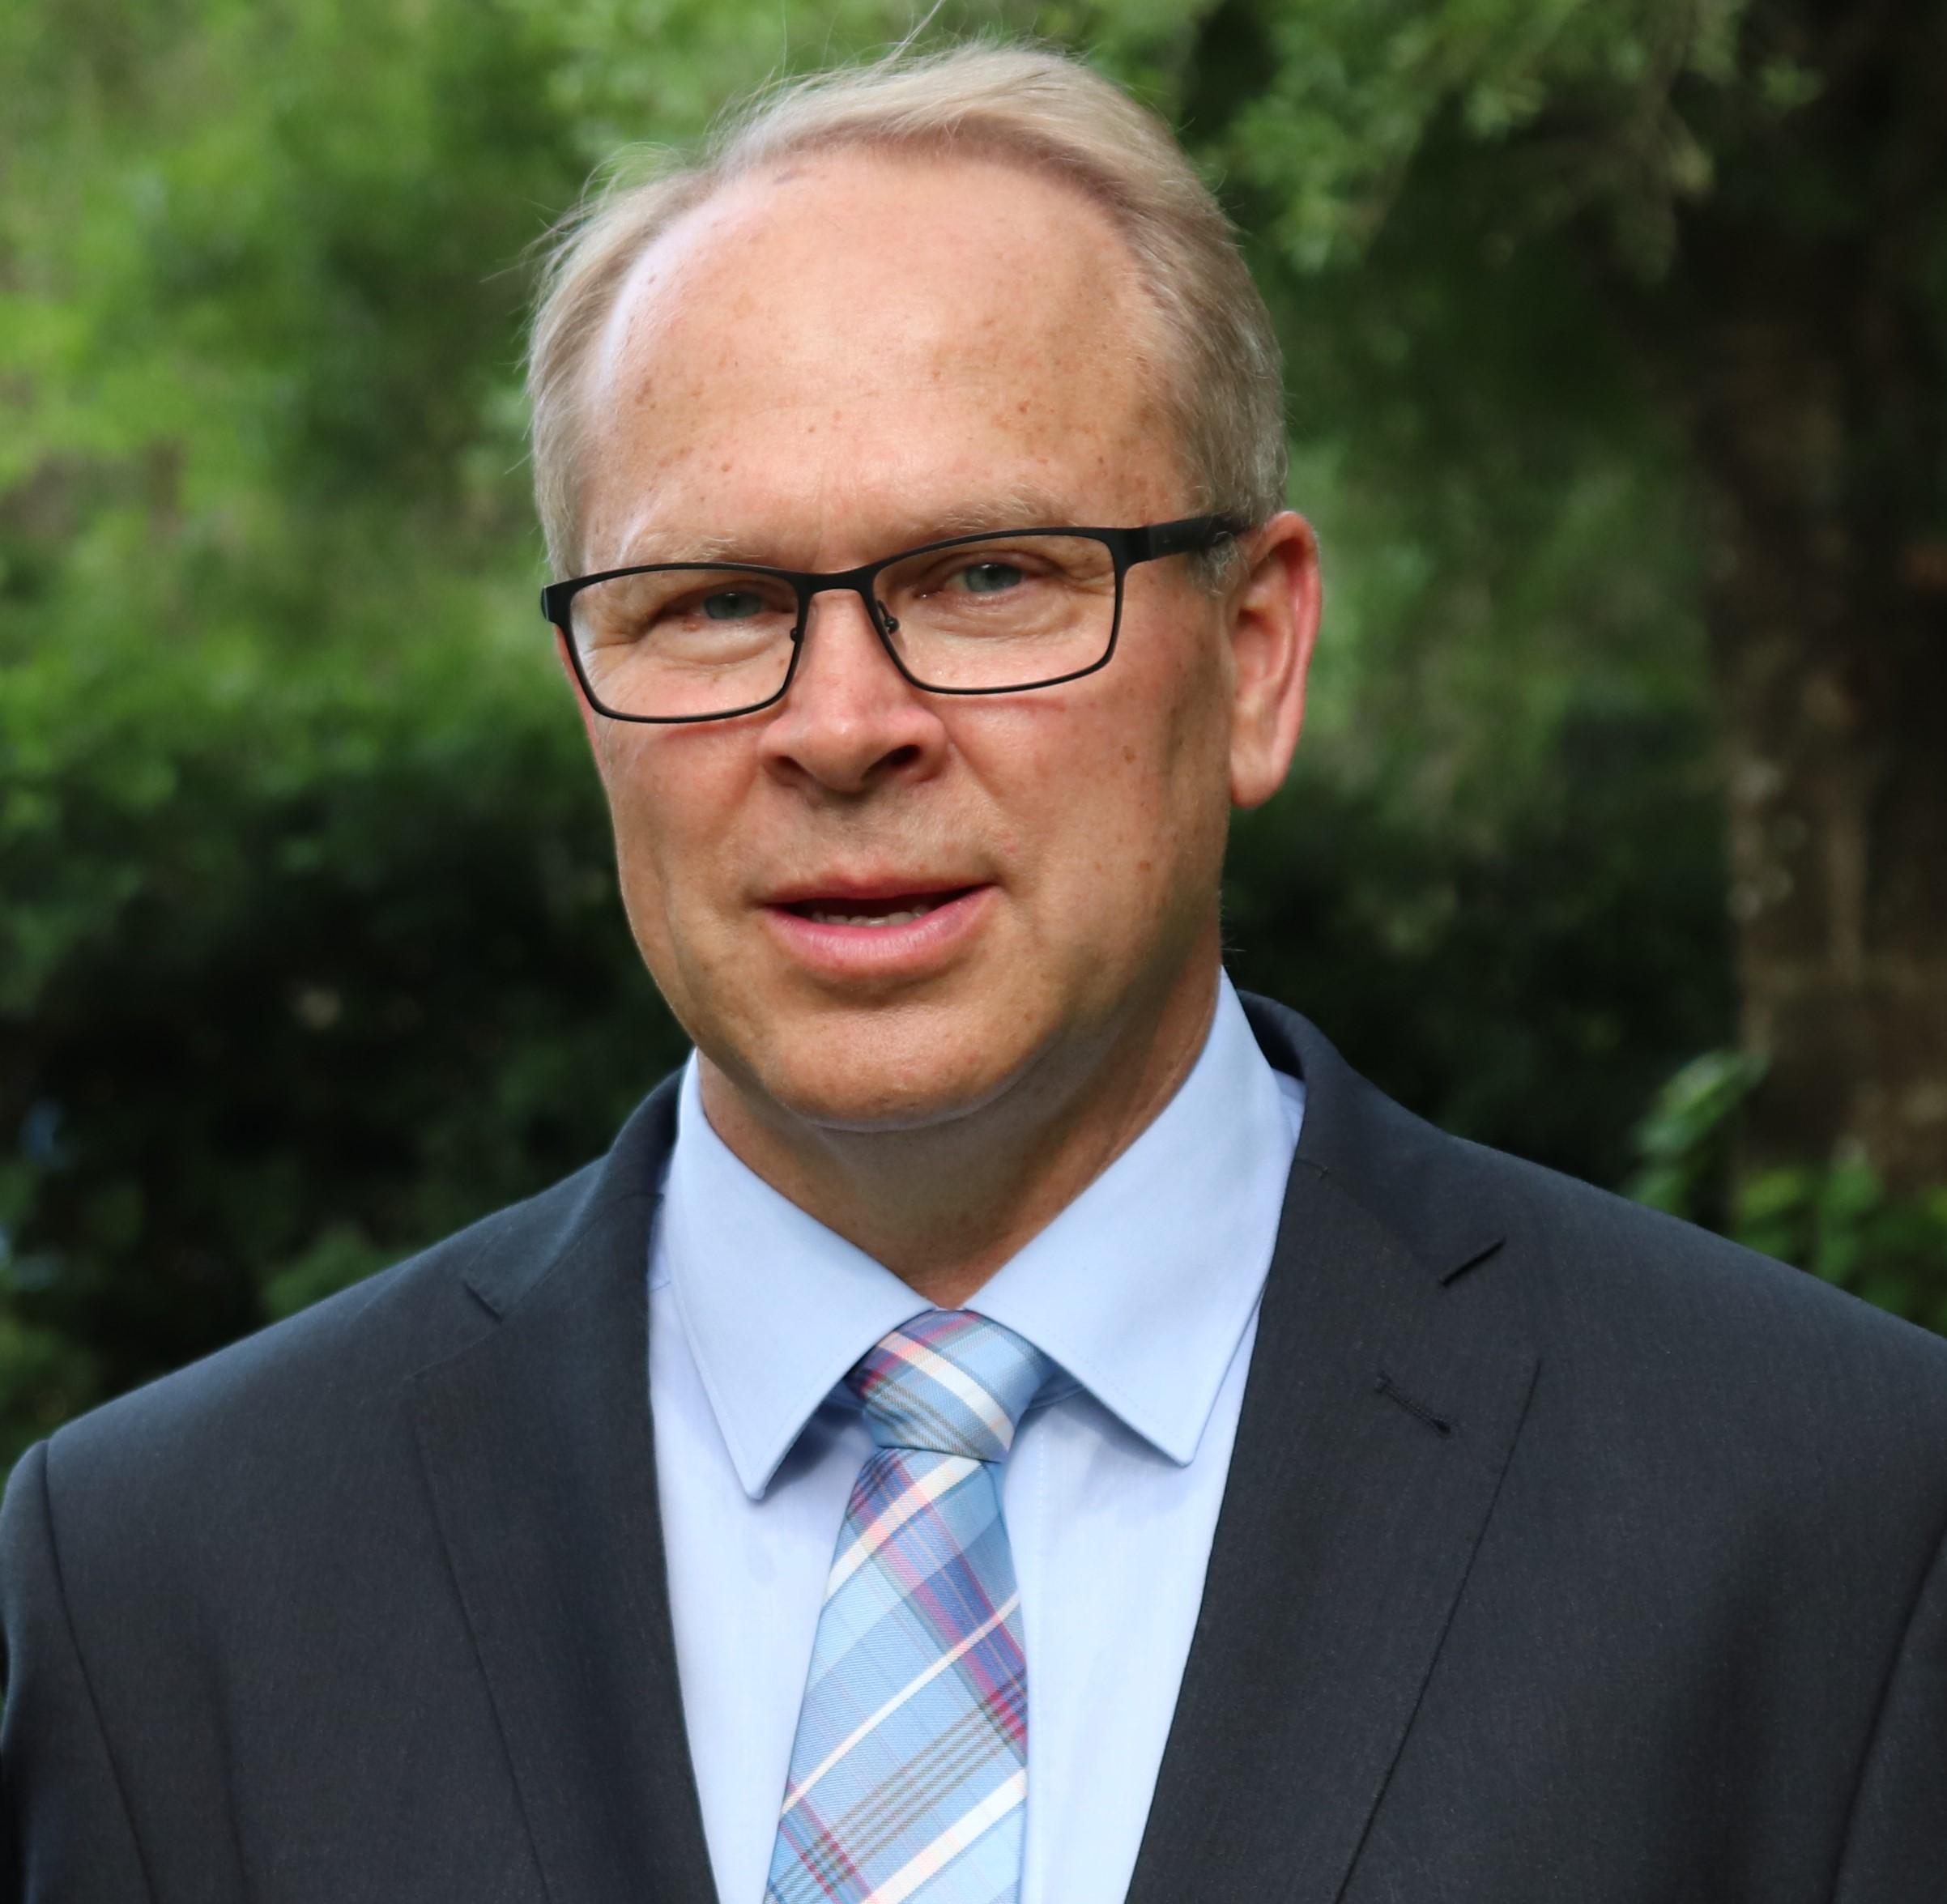 Markus Portner